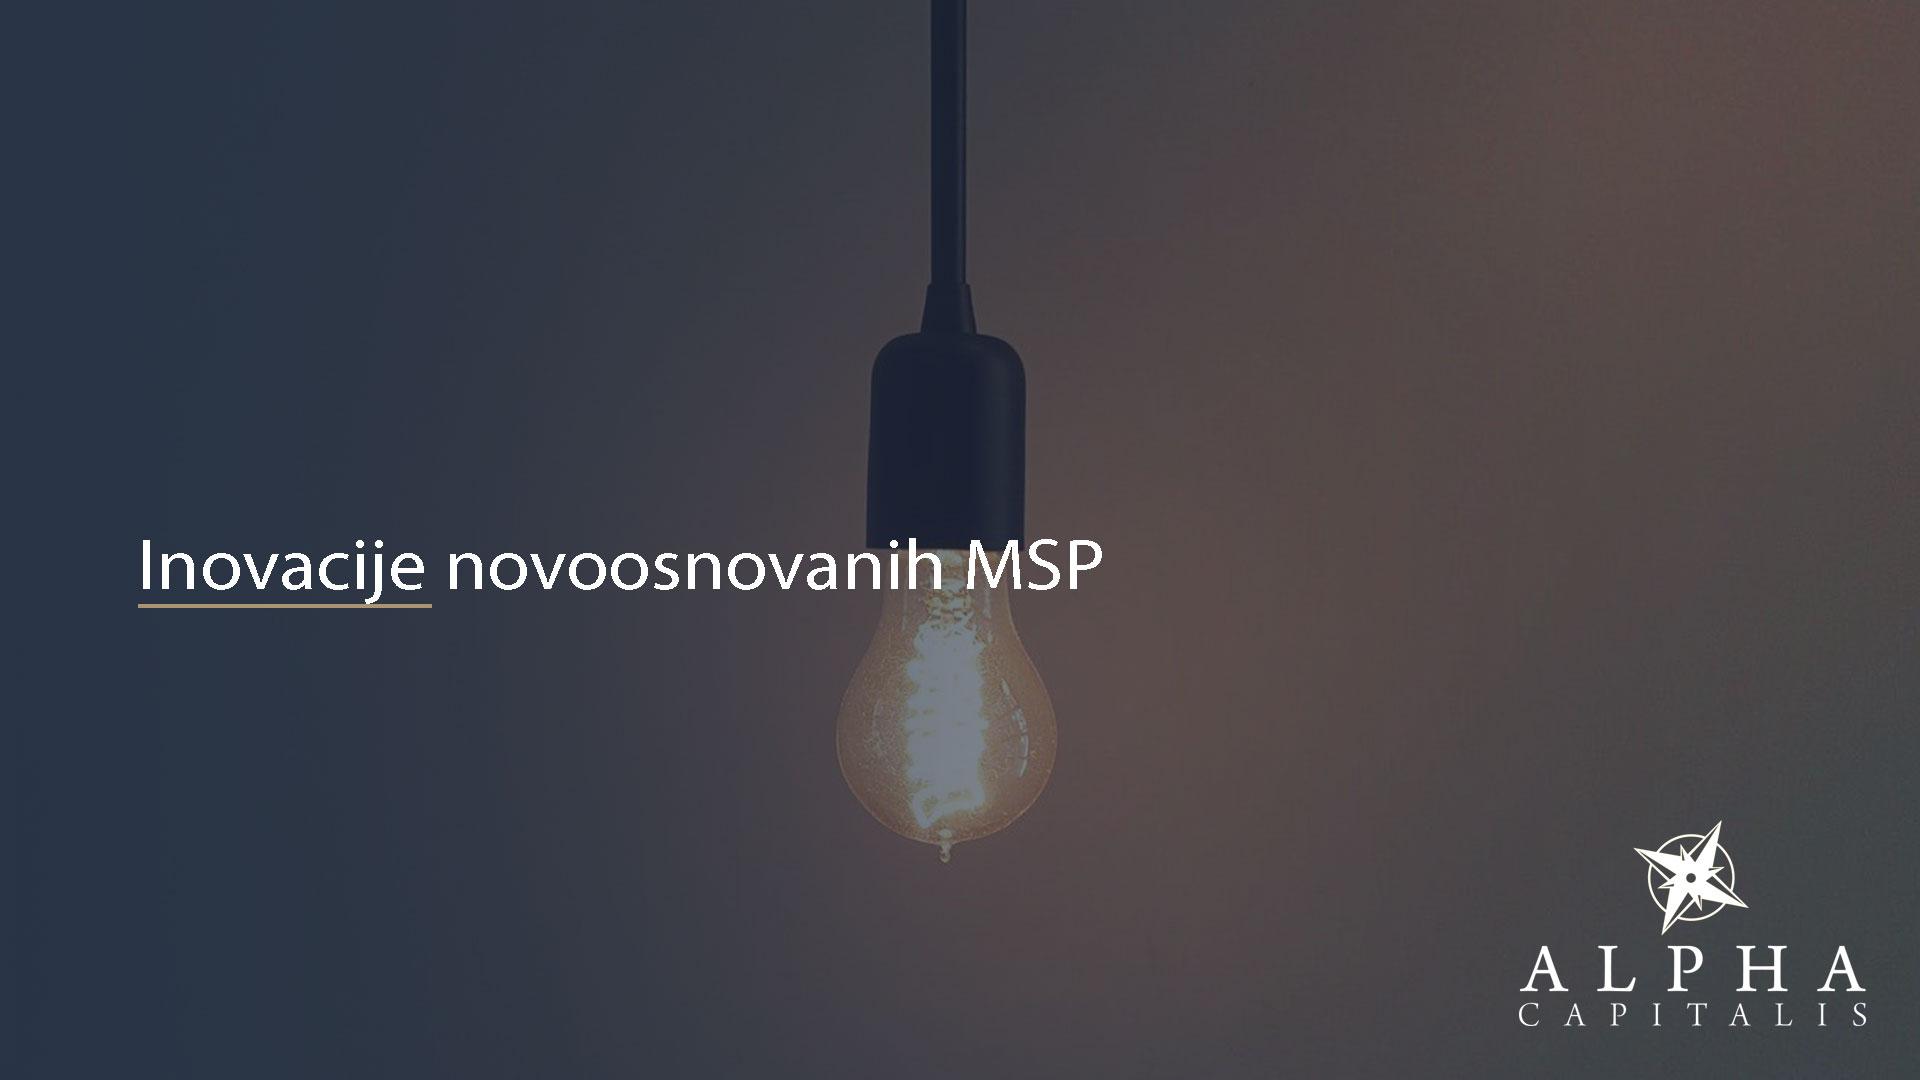 alpha-capitalis_Inovacije-novoosnovanih-MSP